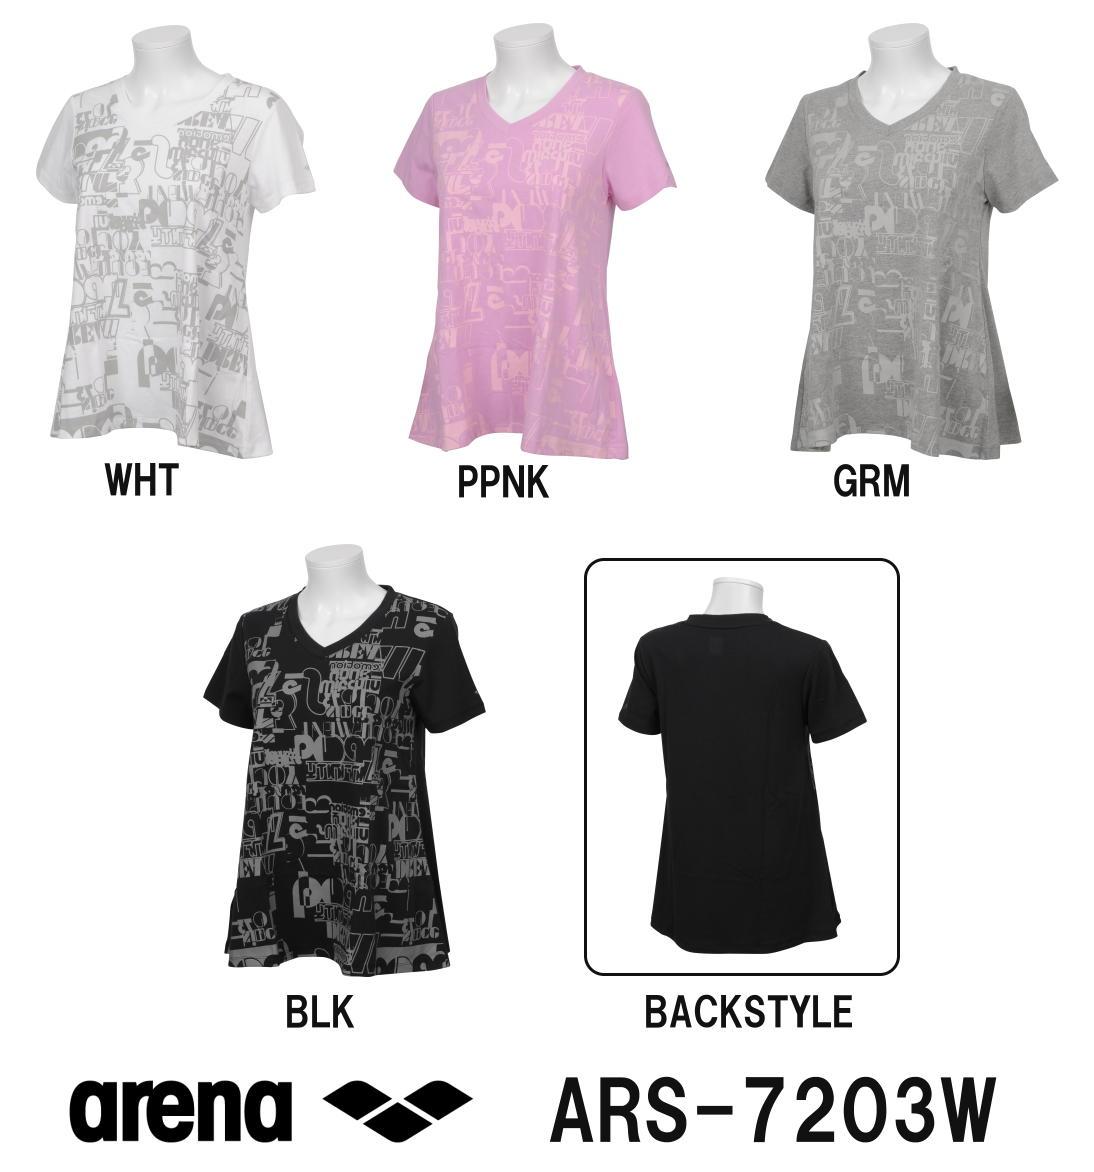 ARENA アリーナ T/C天竺 レディースAラインTシャツ ARS-7203W-HK